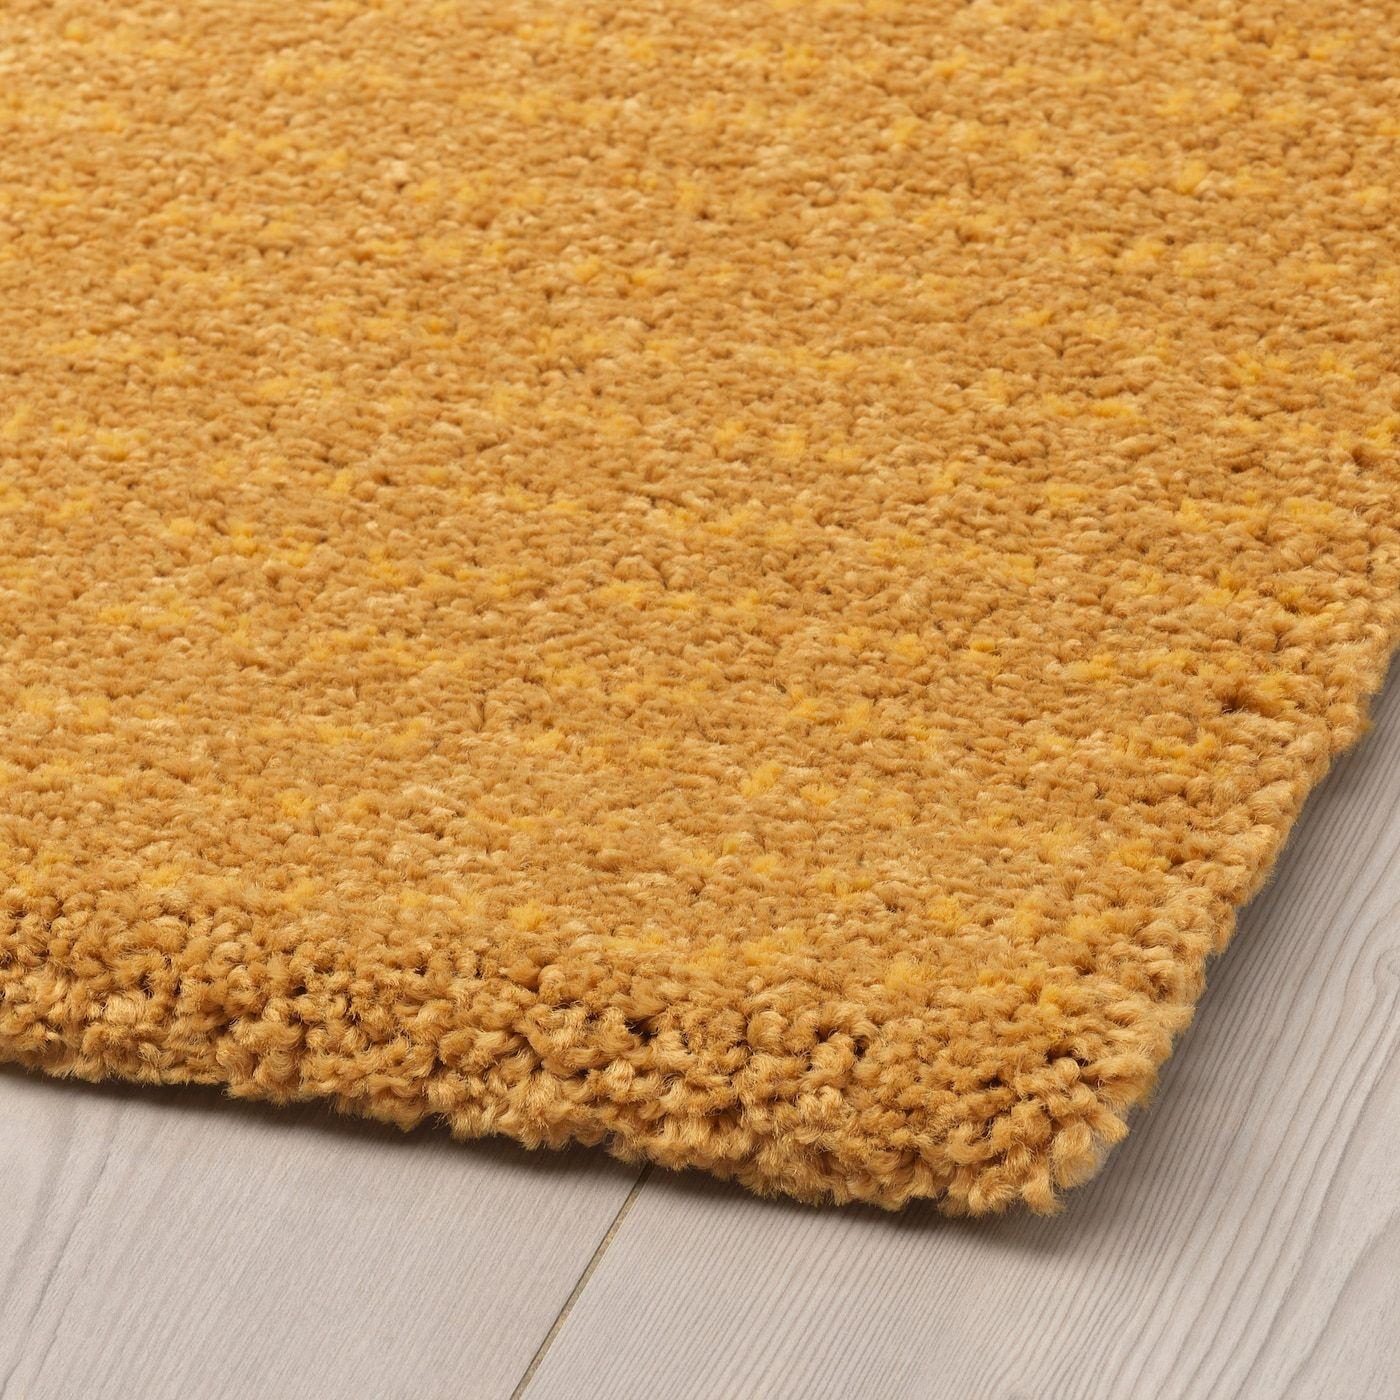 Langsted Tapis A Poils Ras Jaune 4 4 X6 5 133x195 Cm In 2020 Teppich Teppich Gelb Teppichreinigung